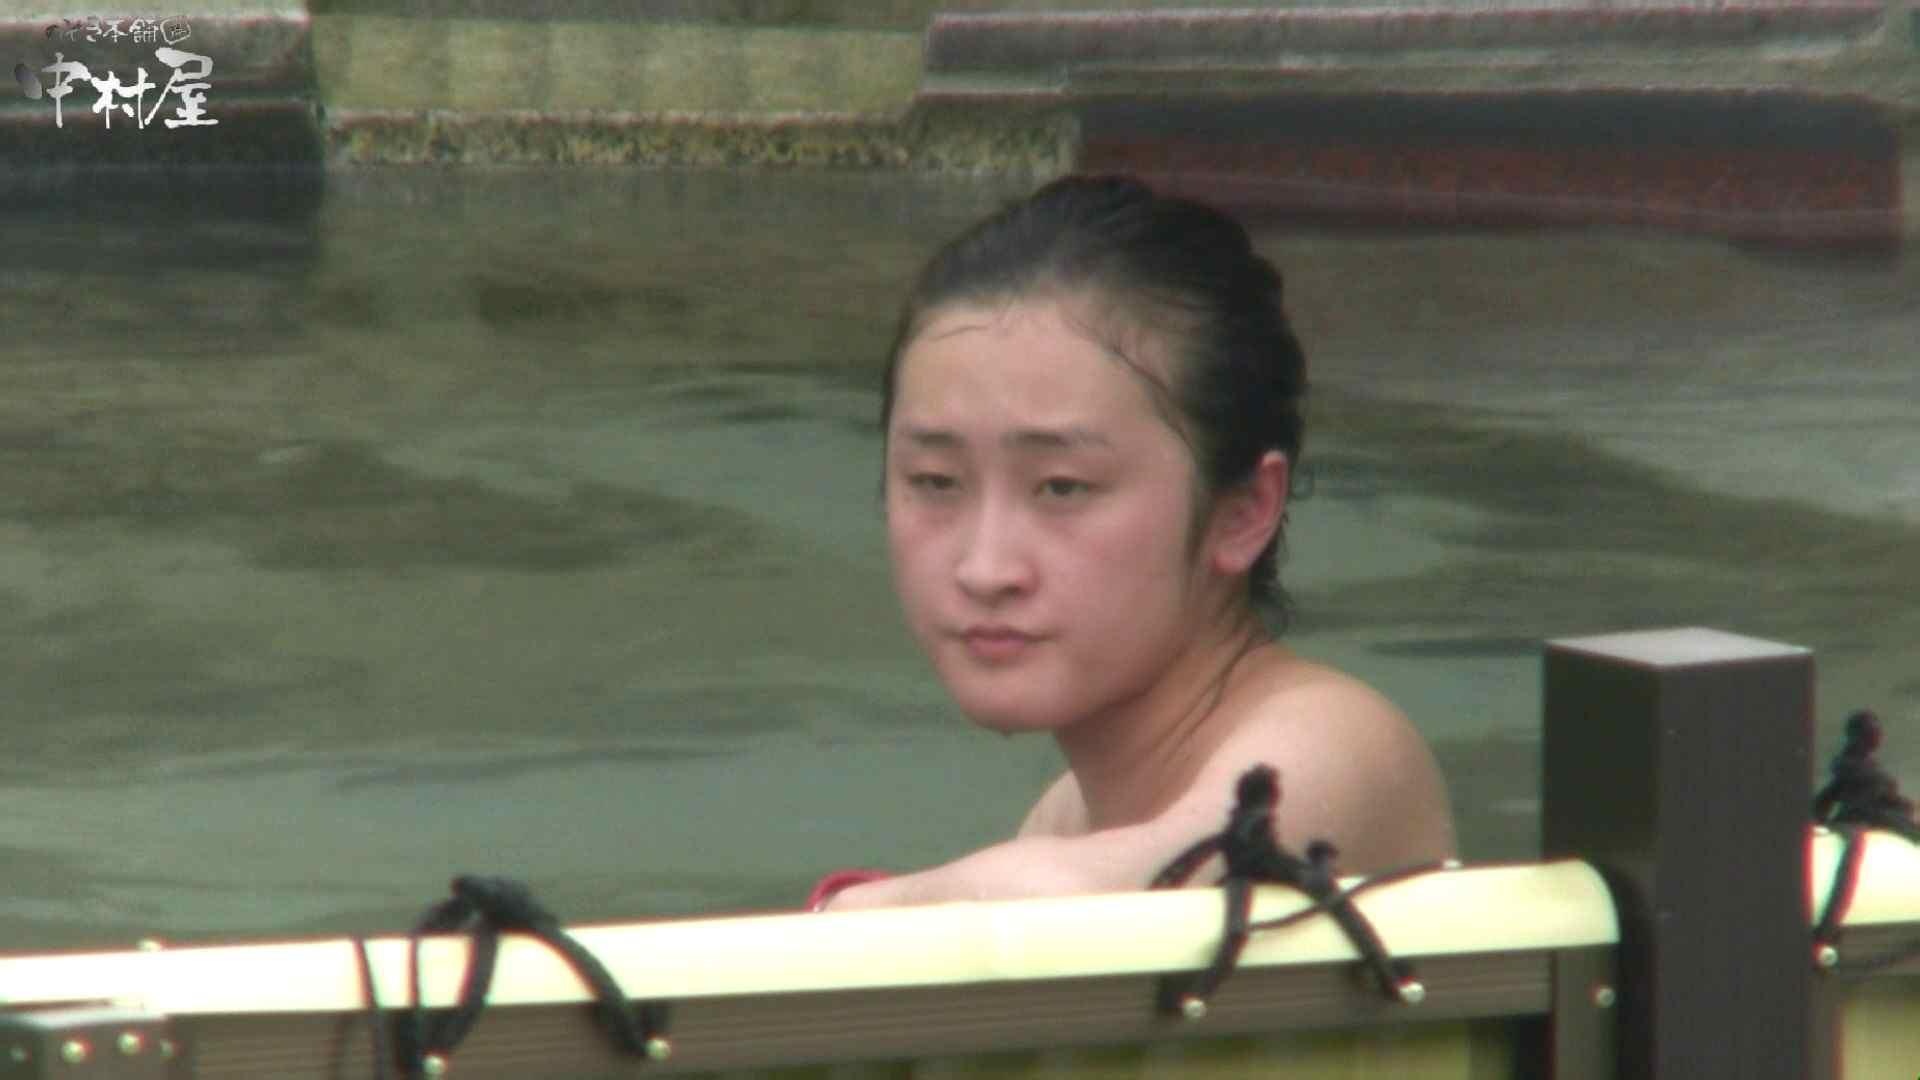 Aquaな露天風呂Vol.949 盗撮  92画像 57